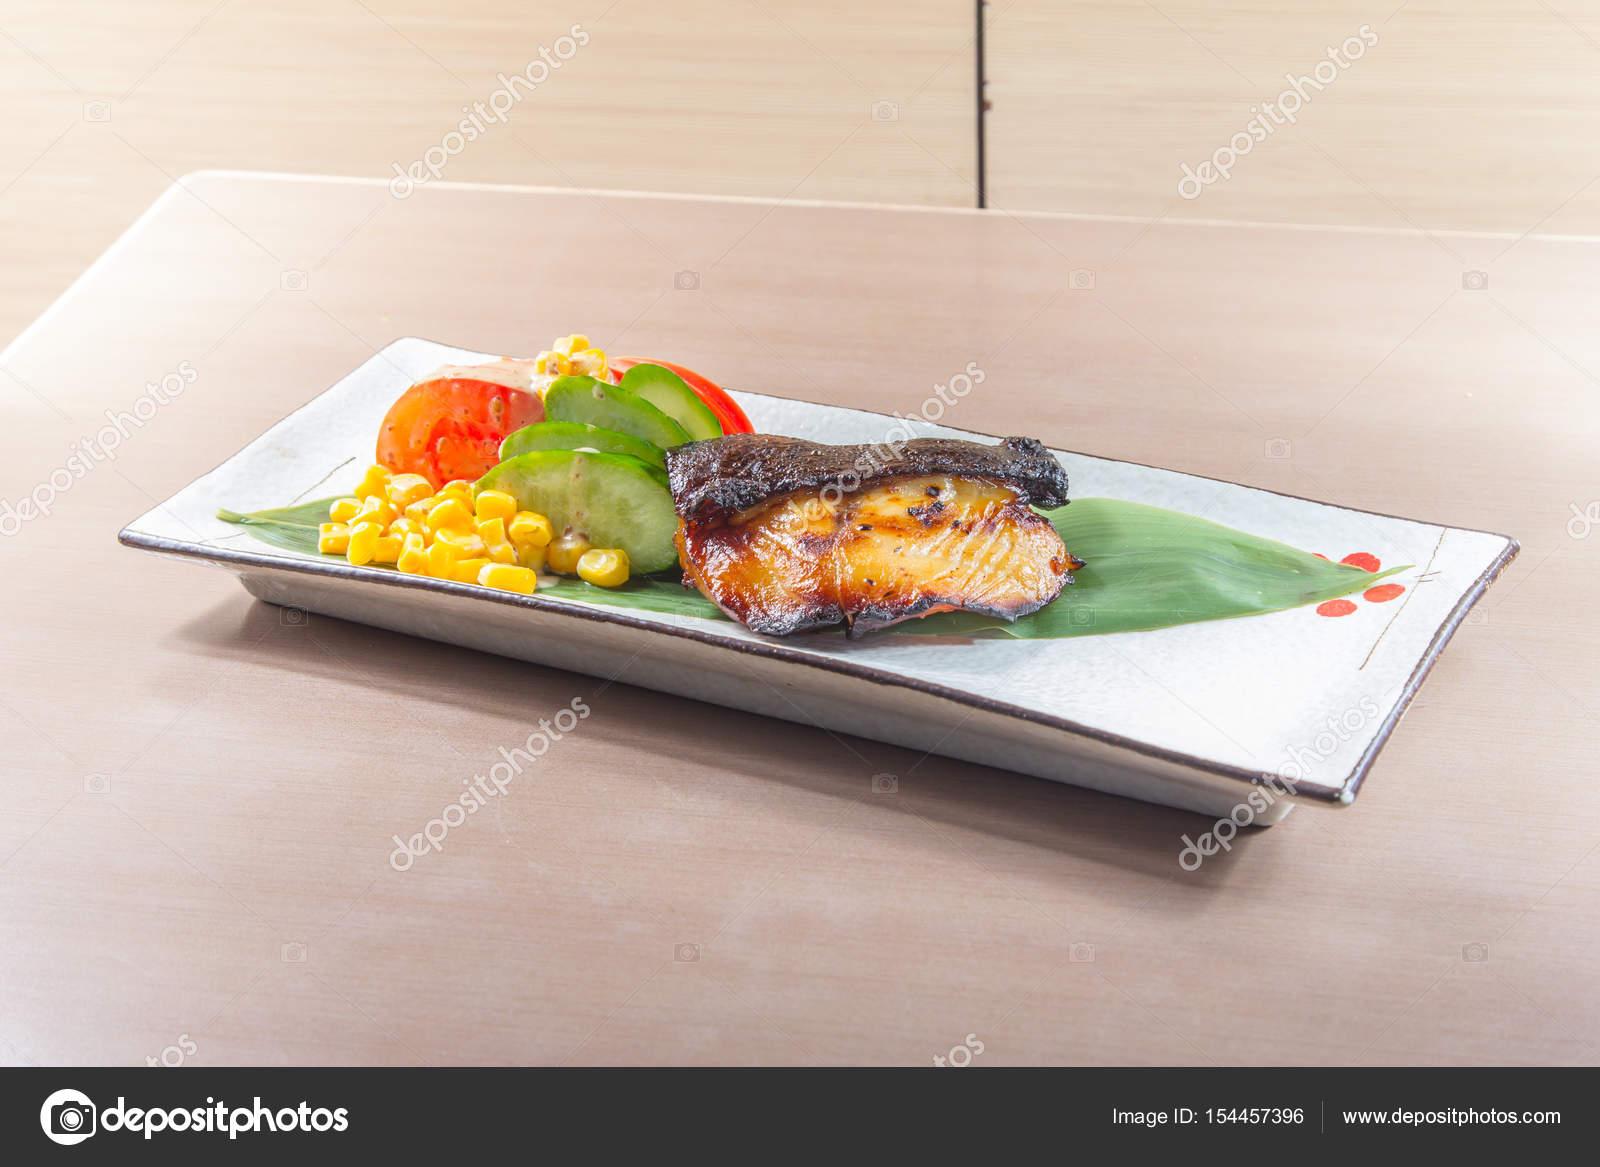 Ausgezeichnet Kücheentwerfer Uk Jobs Bilder - Ideen Für Die Küche ...